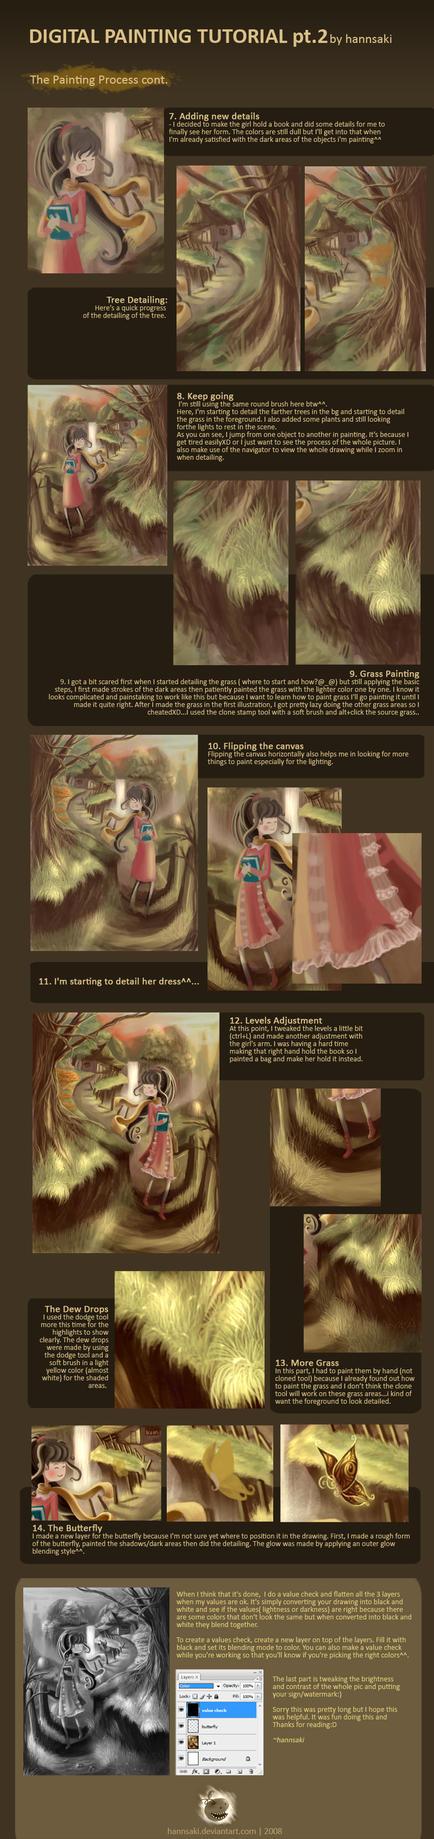 digital painting tutorial pt.2 by hannsaki